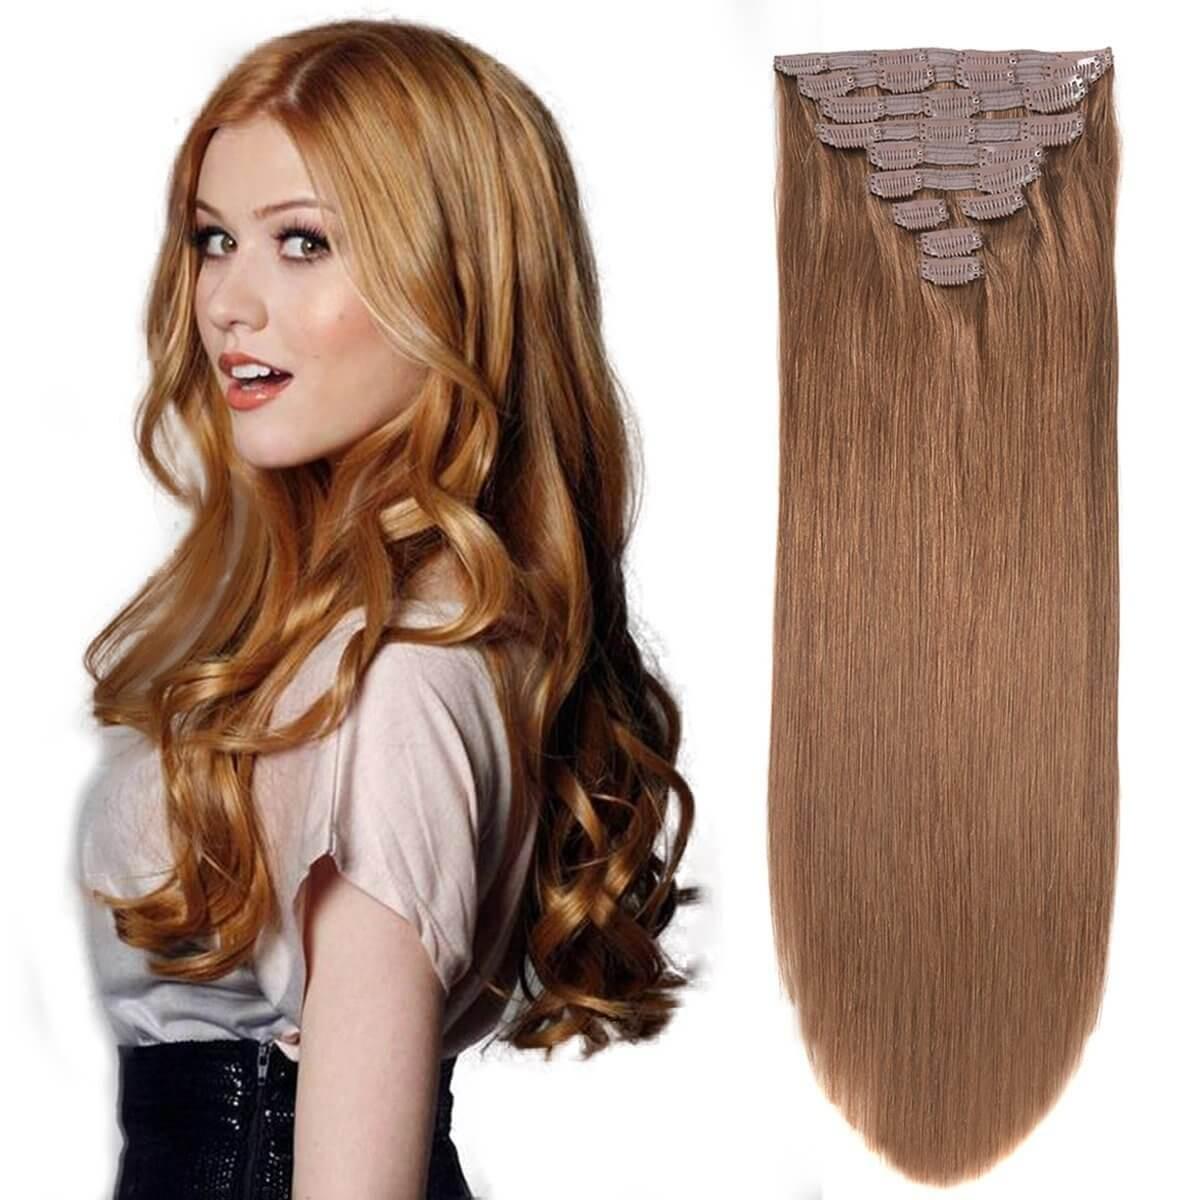 Clip In Hair Extensions By Bhf Hair Venoma Fashion Freak